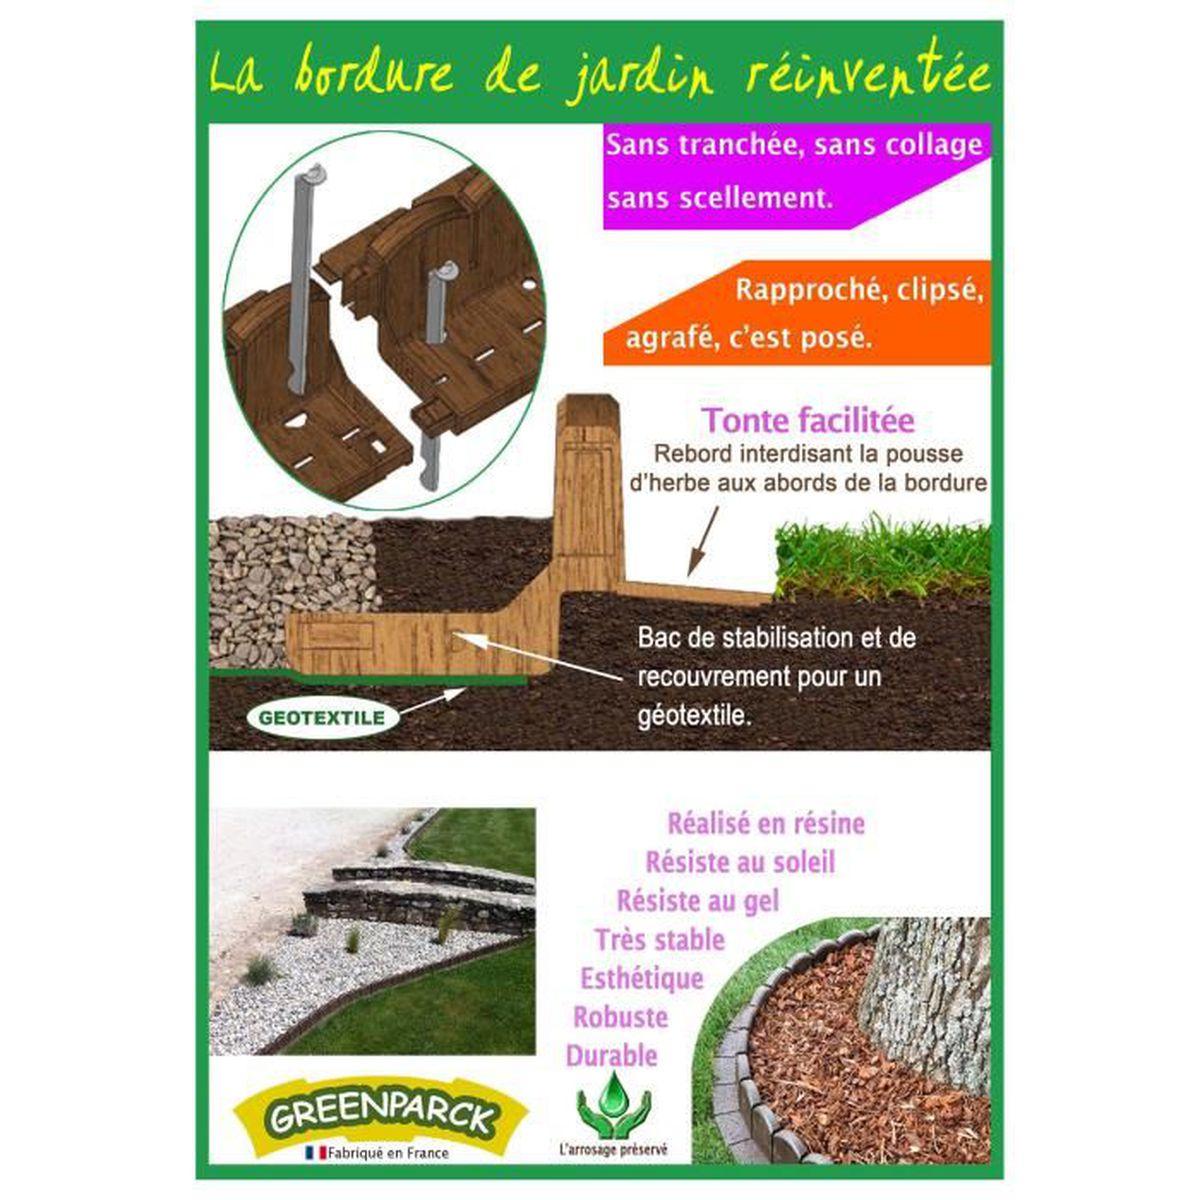 Bordure de jardin en résine composite - Achat / Vente bordure ...